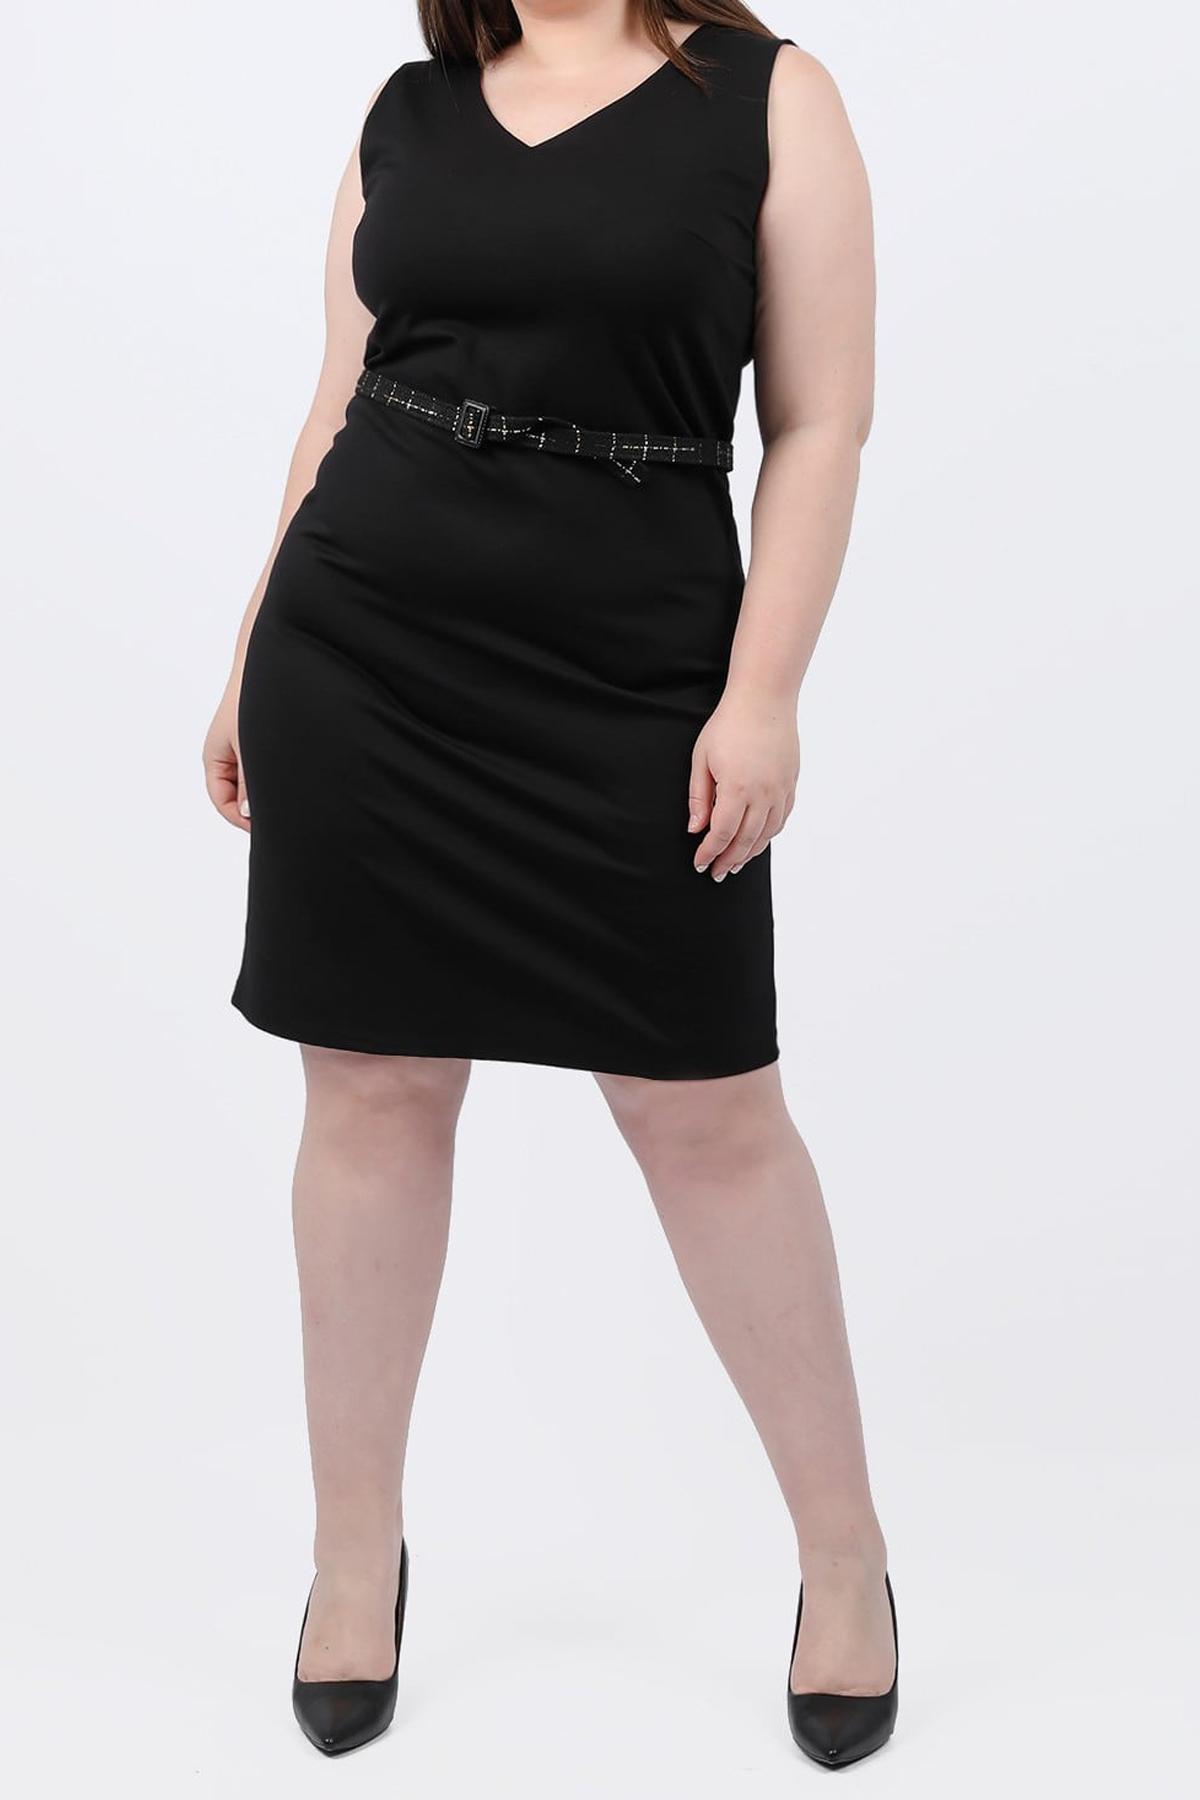 Αμάνικο φόρεμα με ζώνη μαύρο